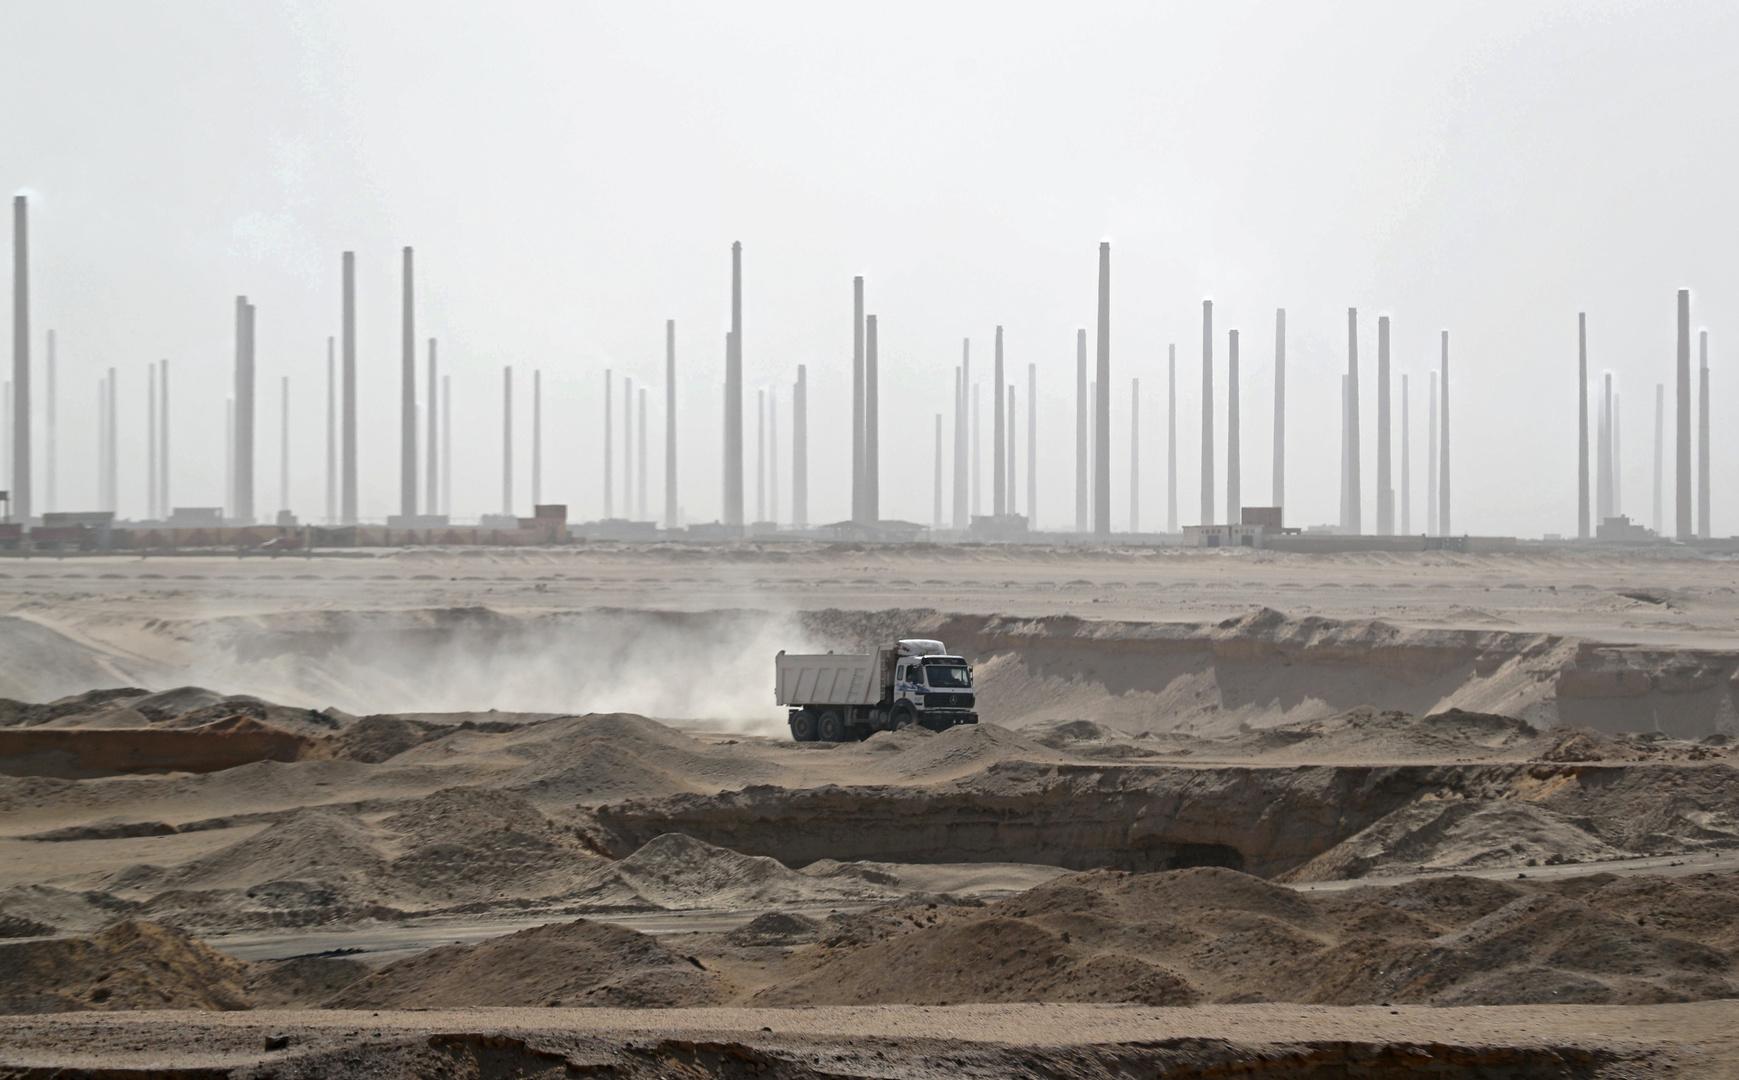 مصر تشيد أكبر مصنع من نوعه في العالم لأول مرة منذ عام 1952 (صور)